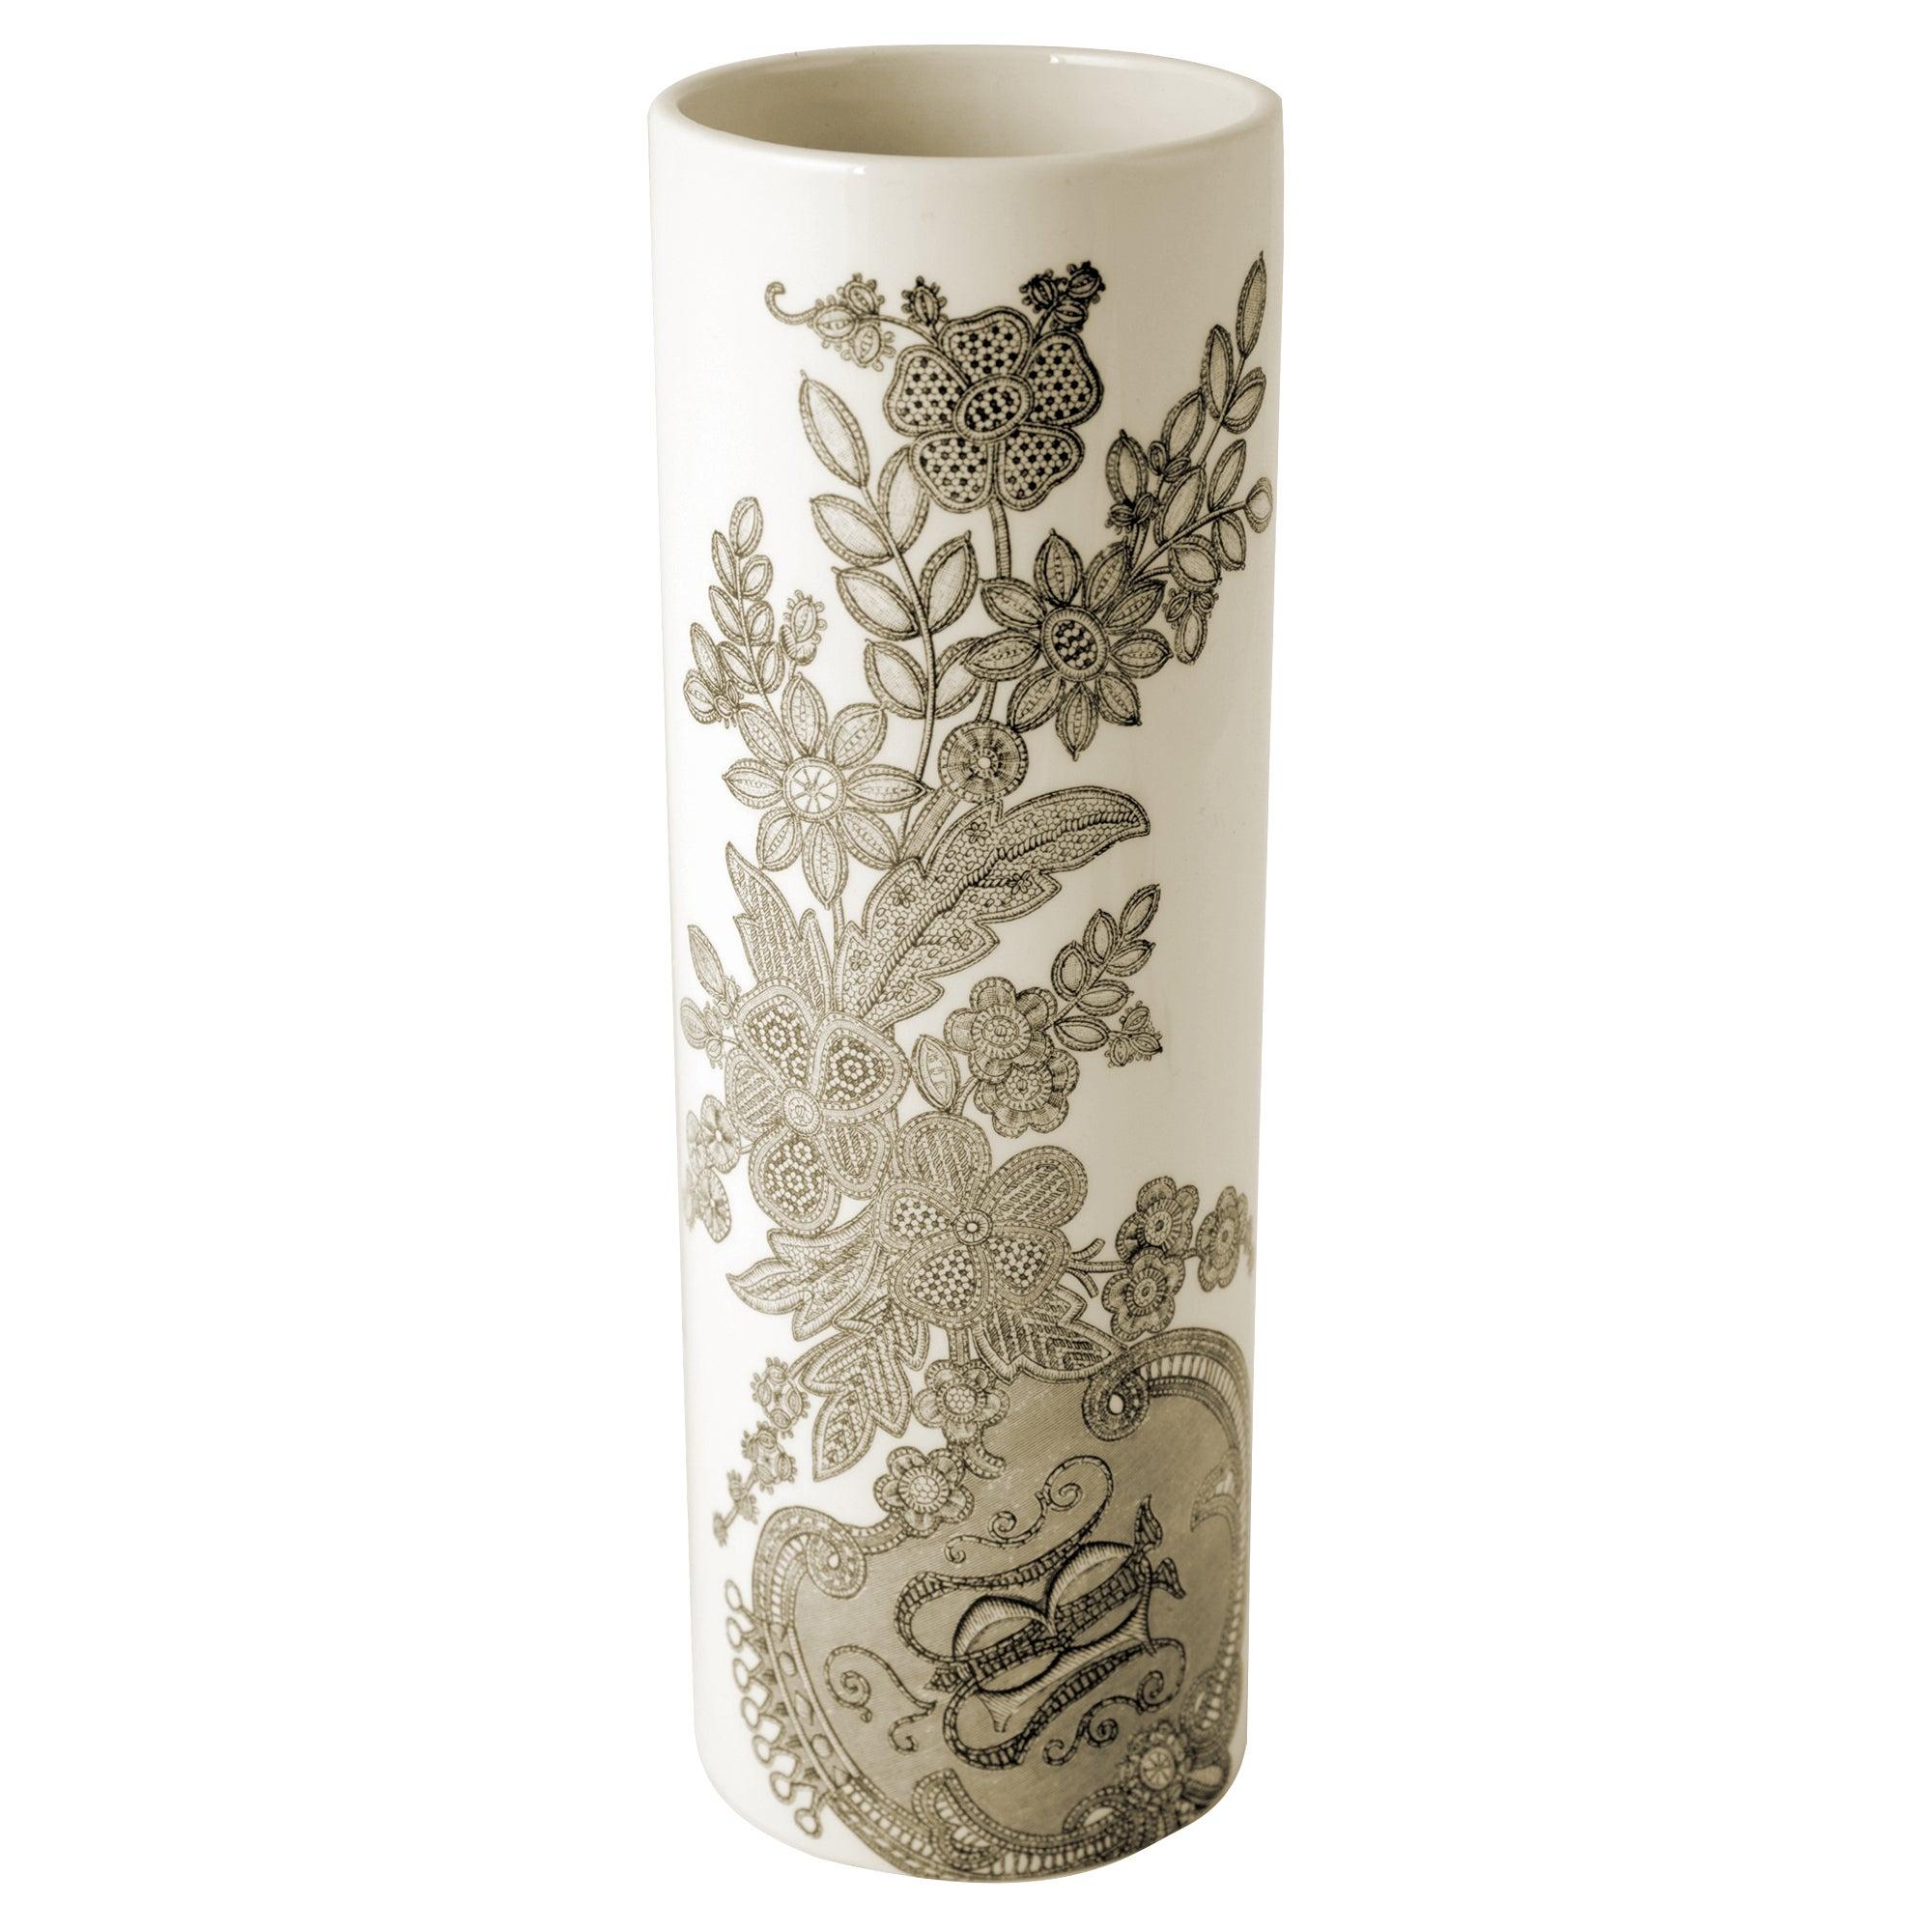 Maison Chique Collection Ceramic Vase